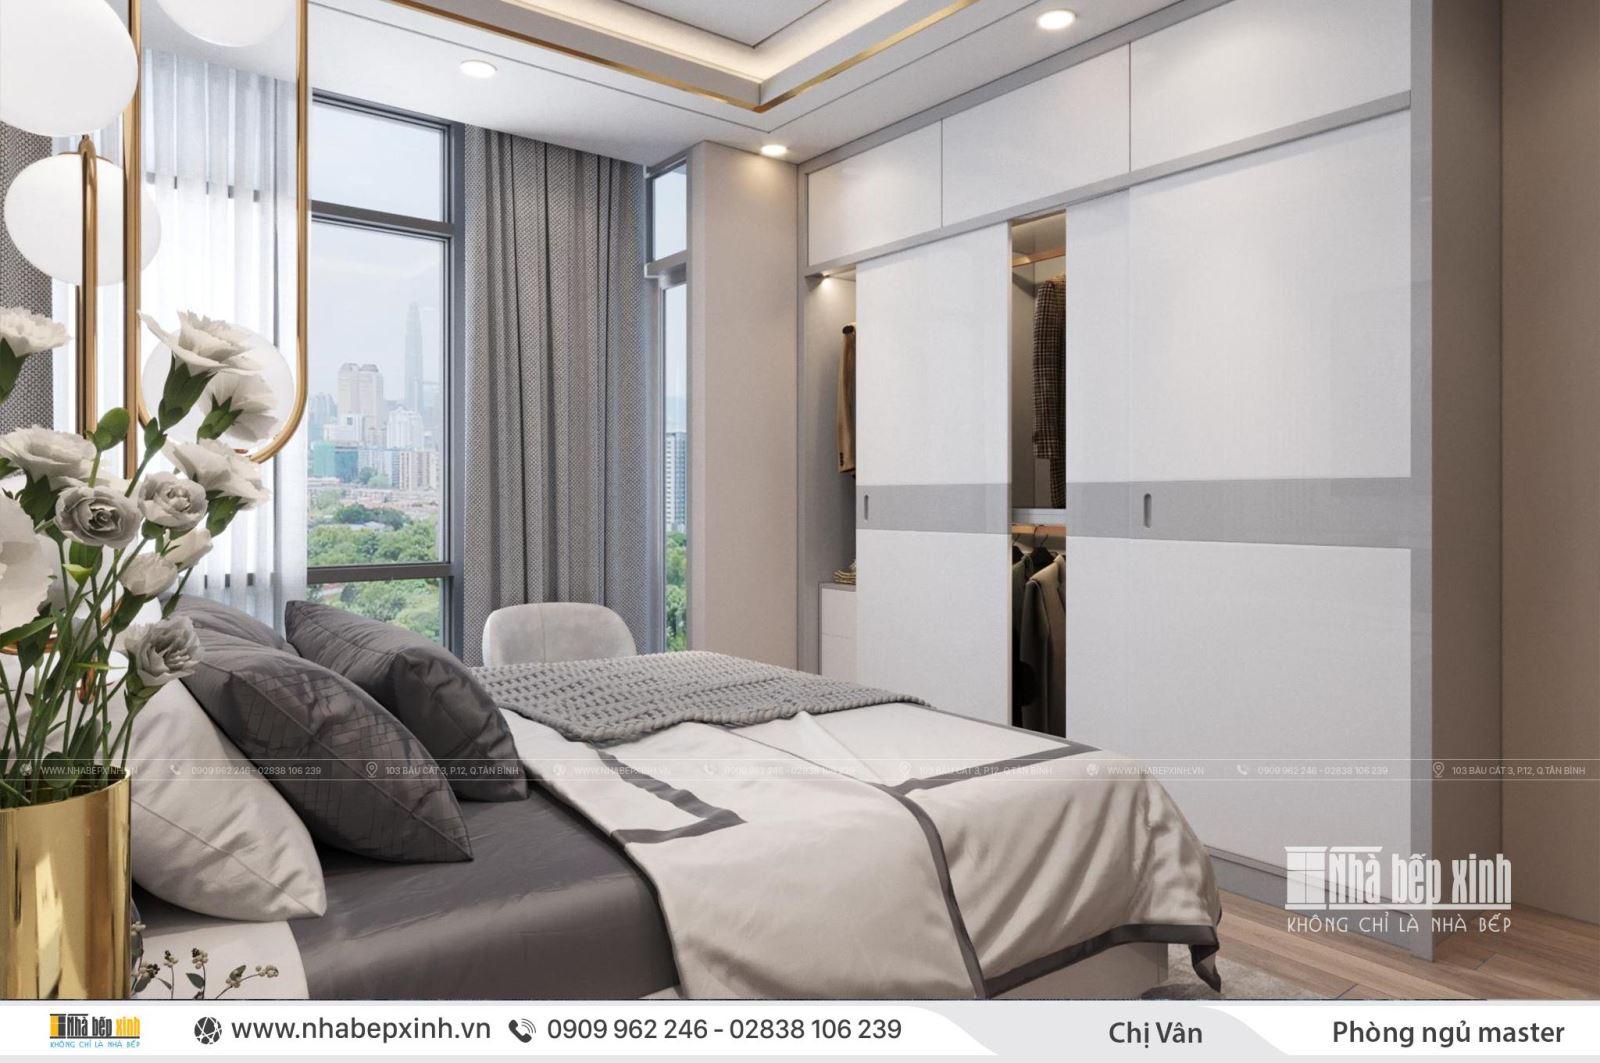 Thiết kế nội thất phòng ngủ master - chị Vân